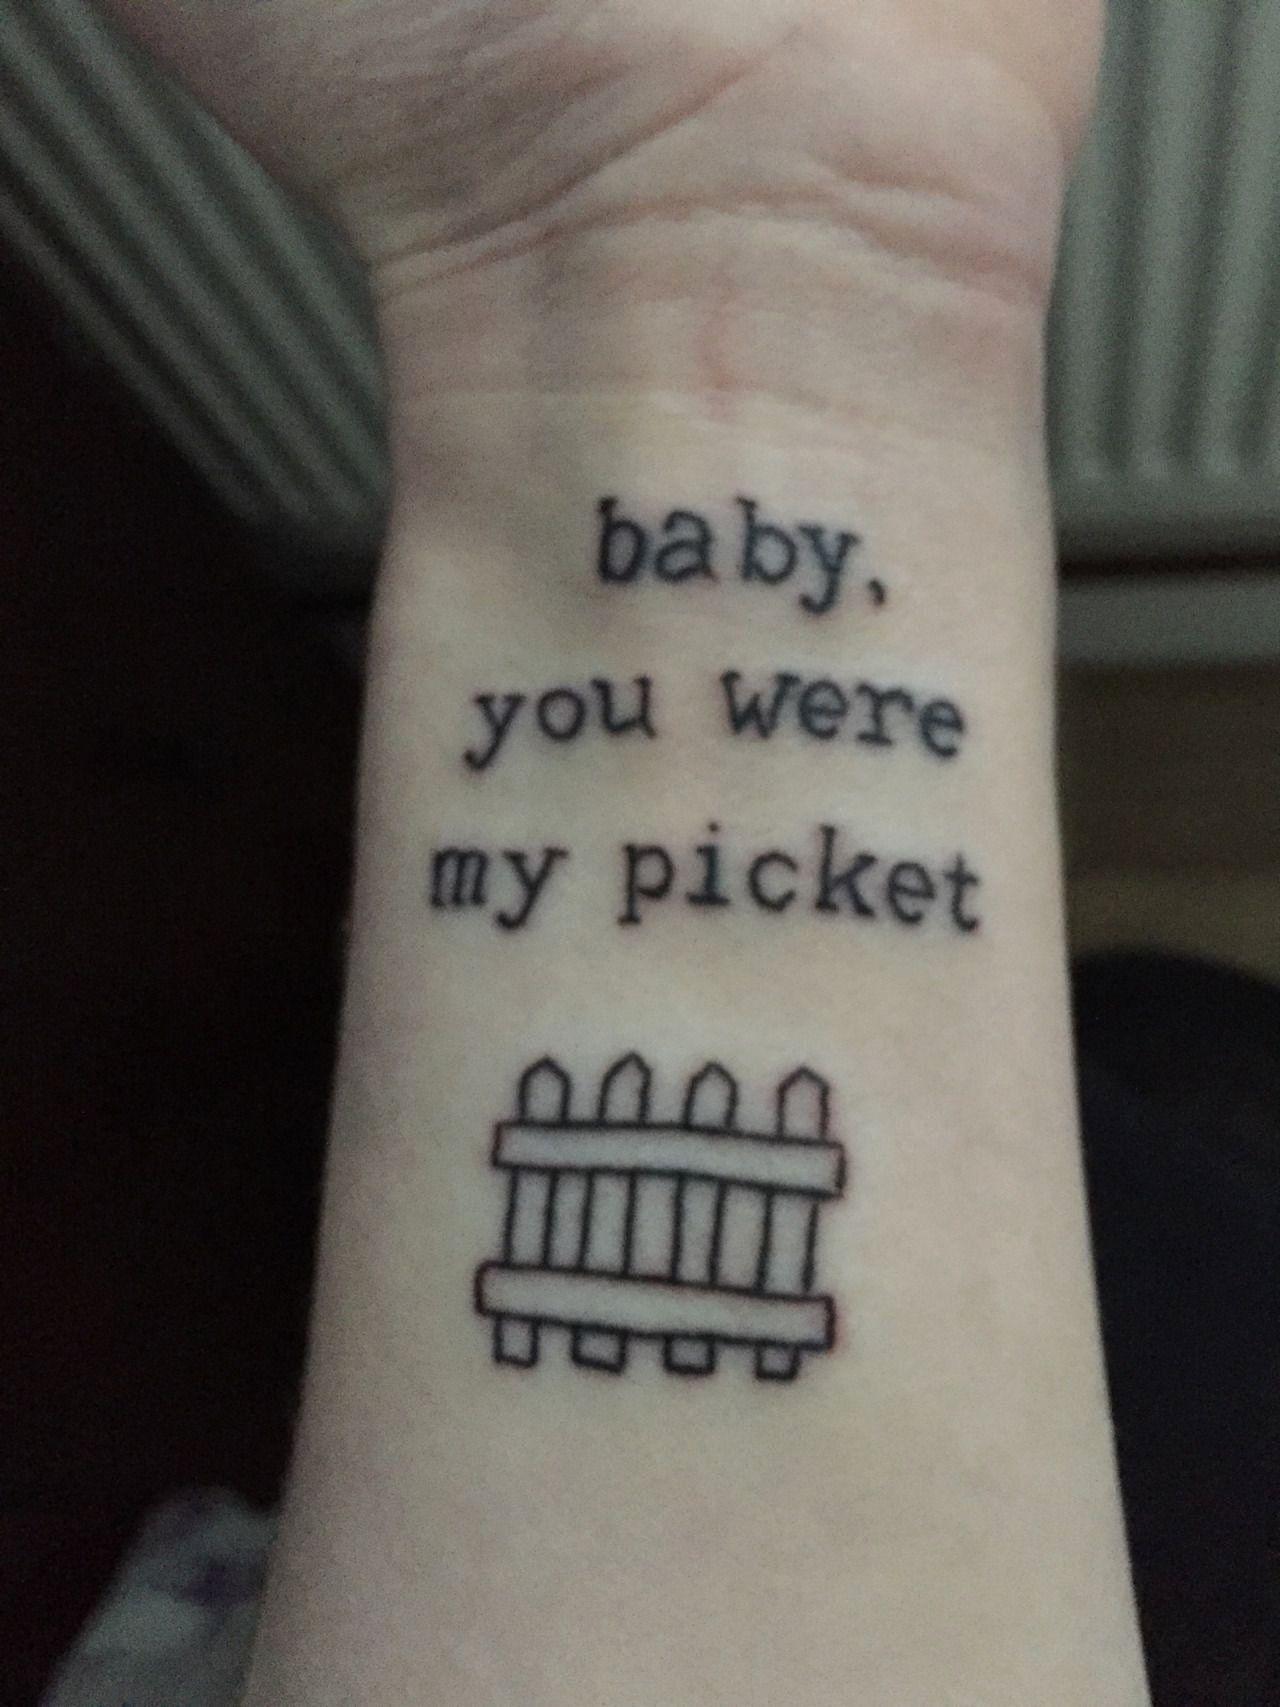 Tattoo Parlors Near My Location in 2020 Small tattoos